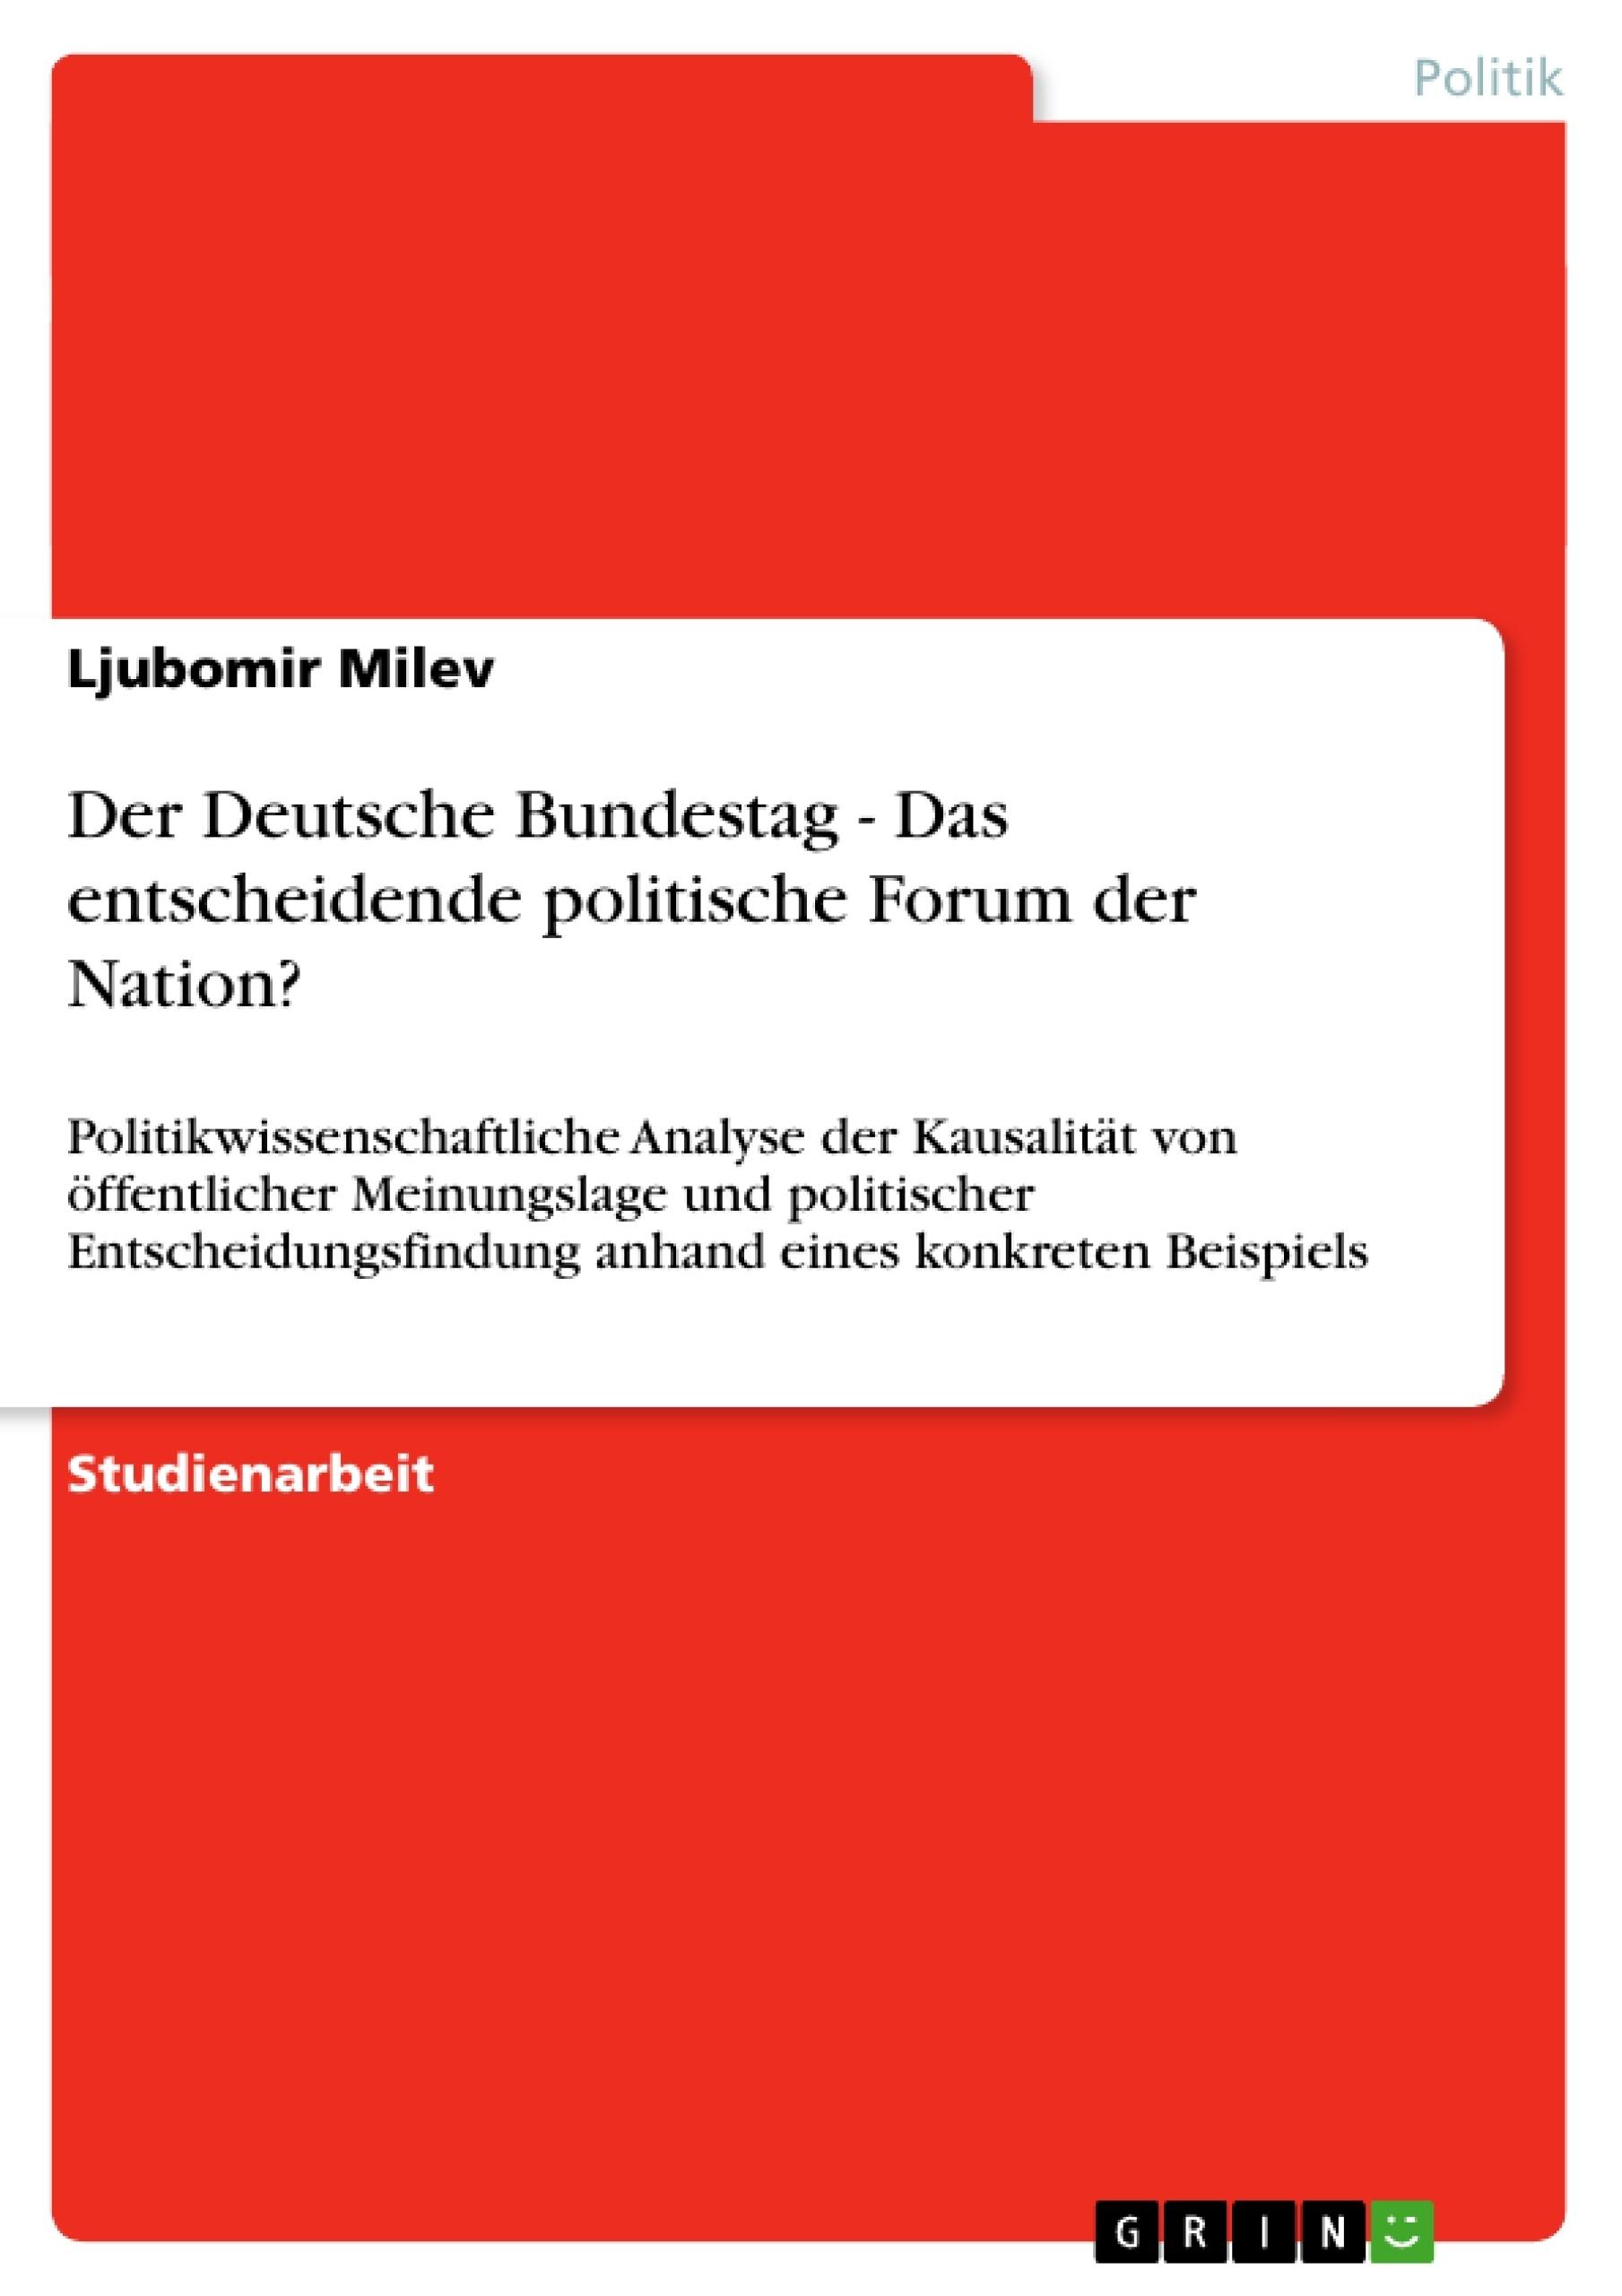 Titel: Der Deutsche Bundestag - Das entscheidende politische Forum der Nation?